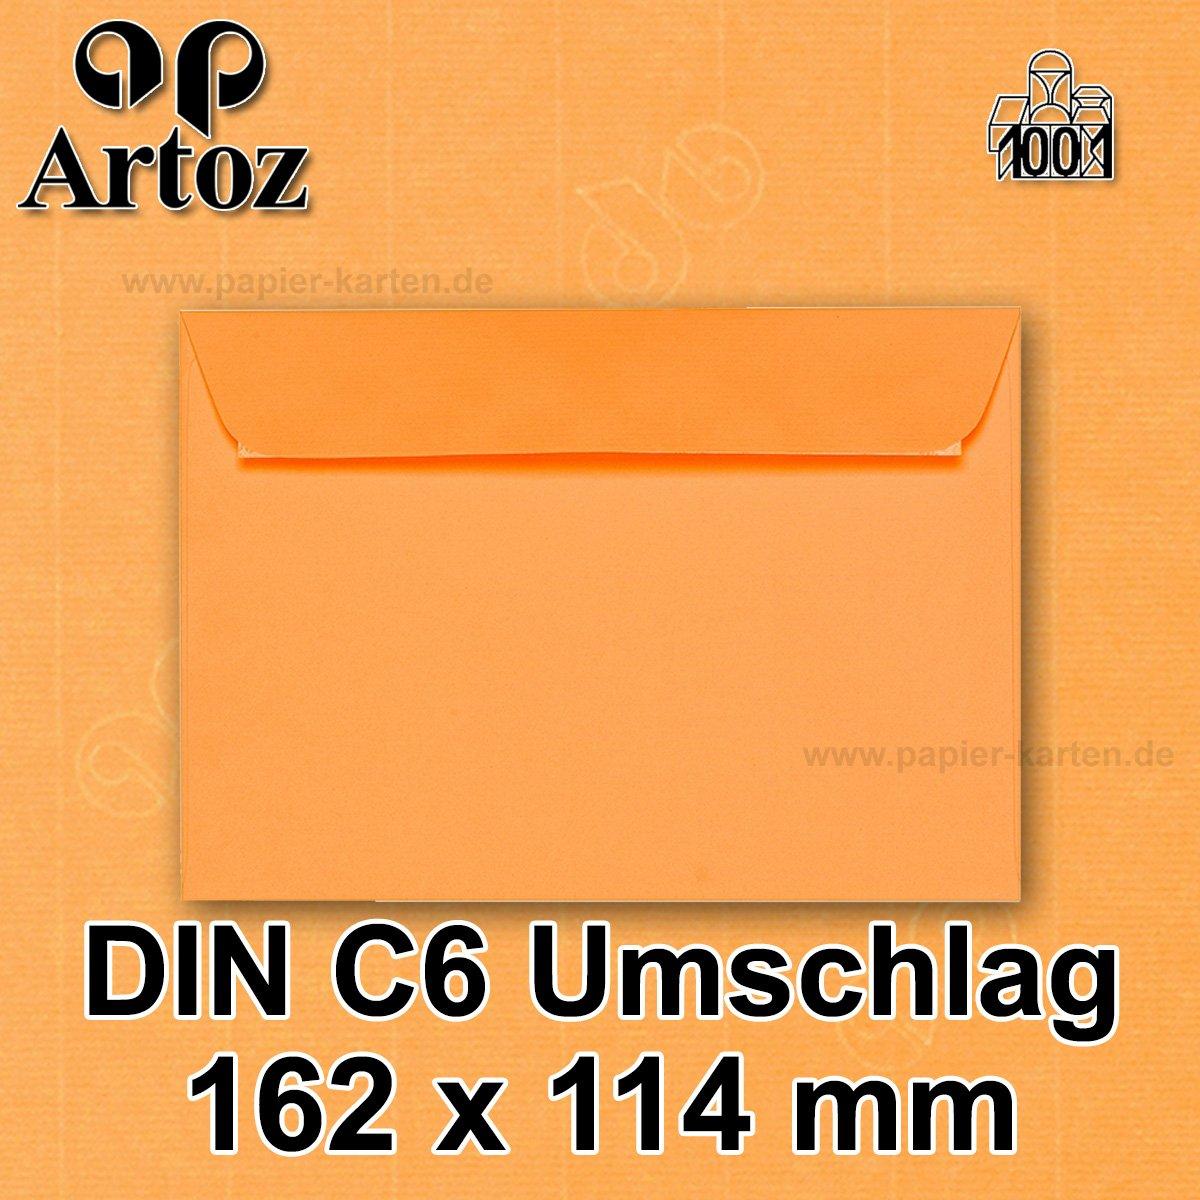 Artoz 1001 Din C6 Envelopes 100 Gm² Parent 50 Stück Mit